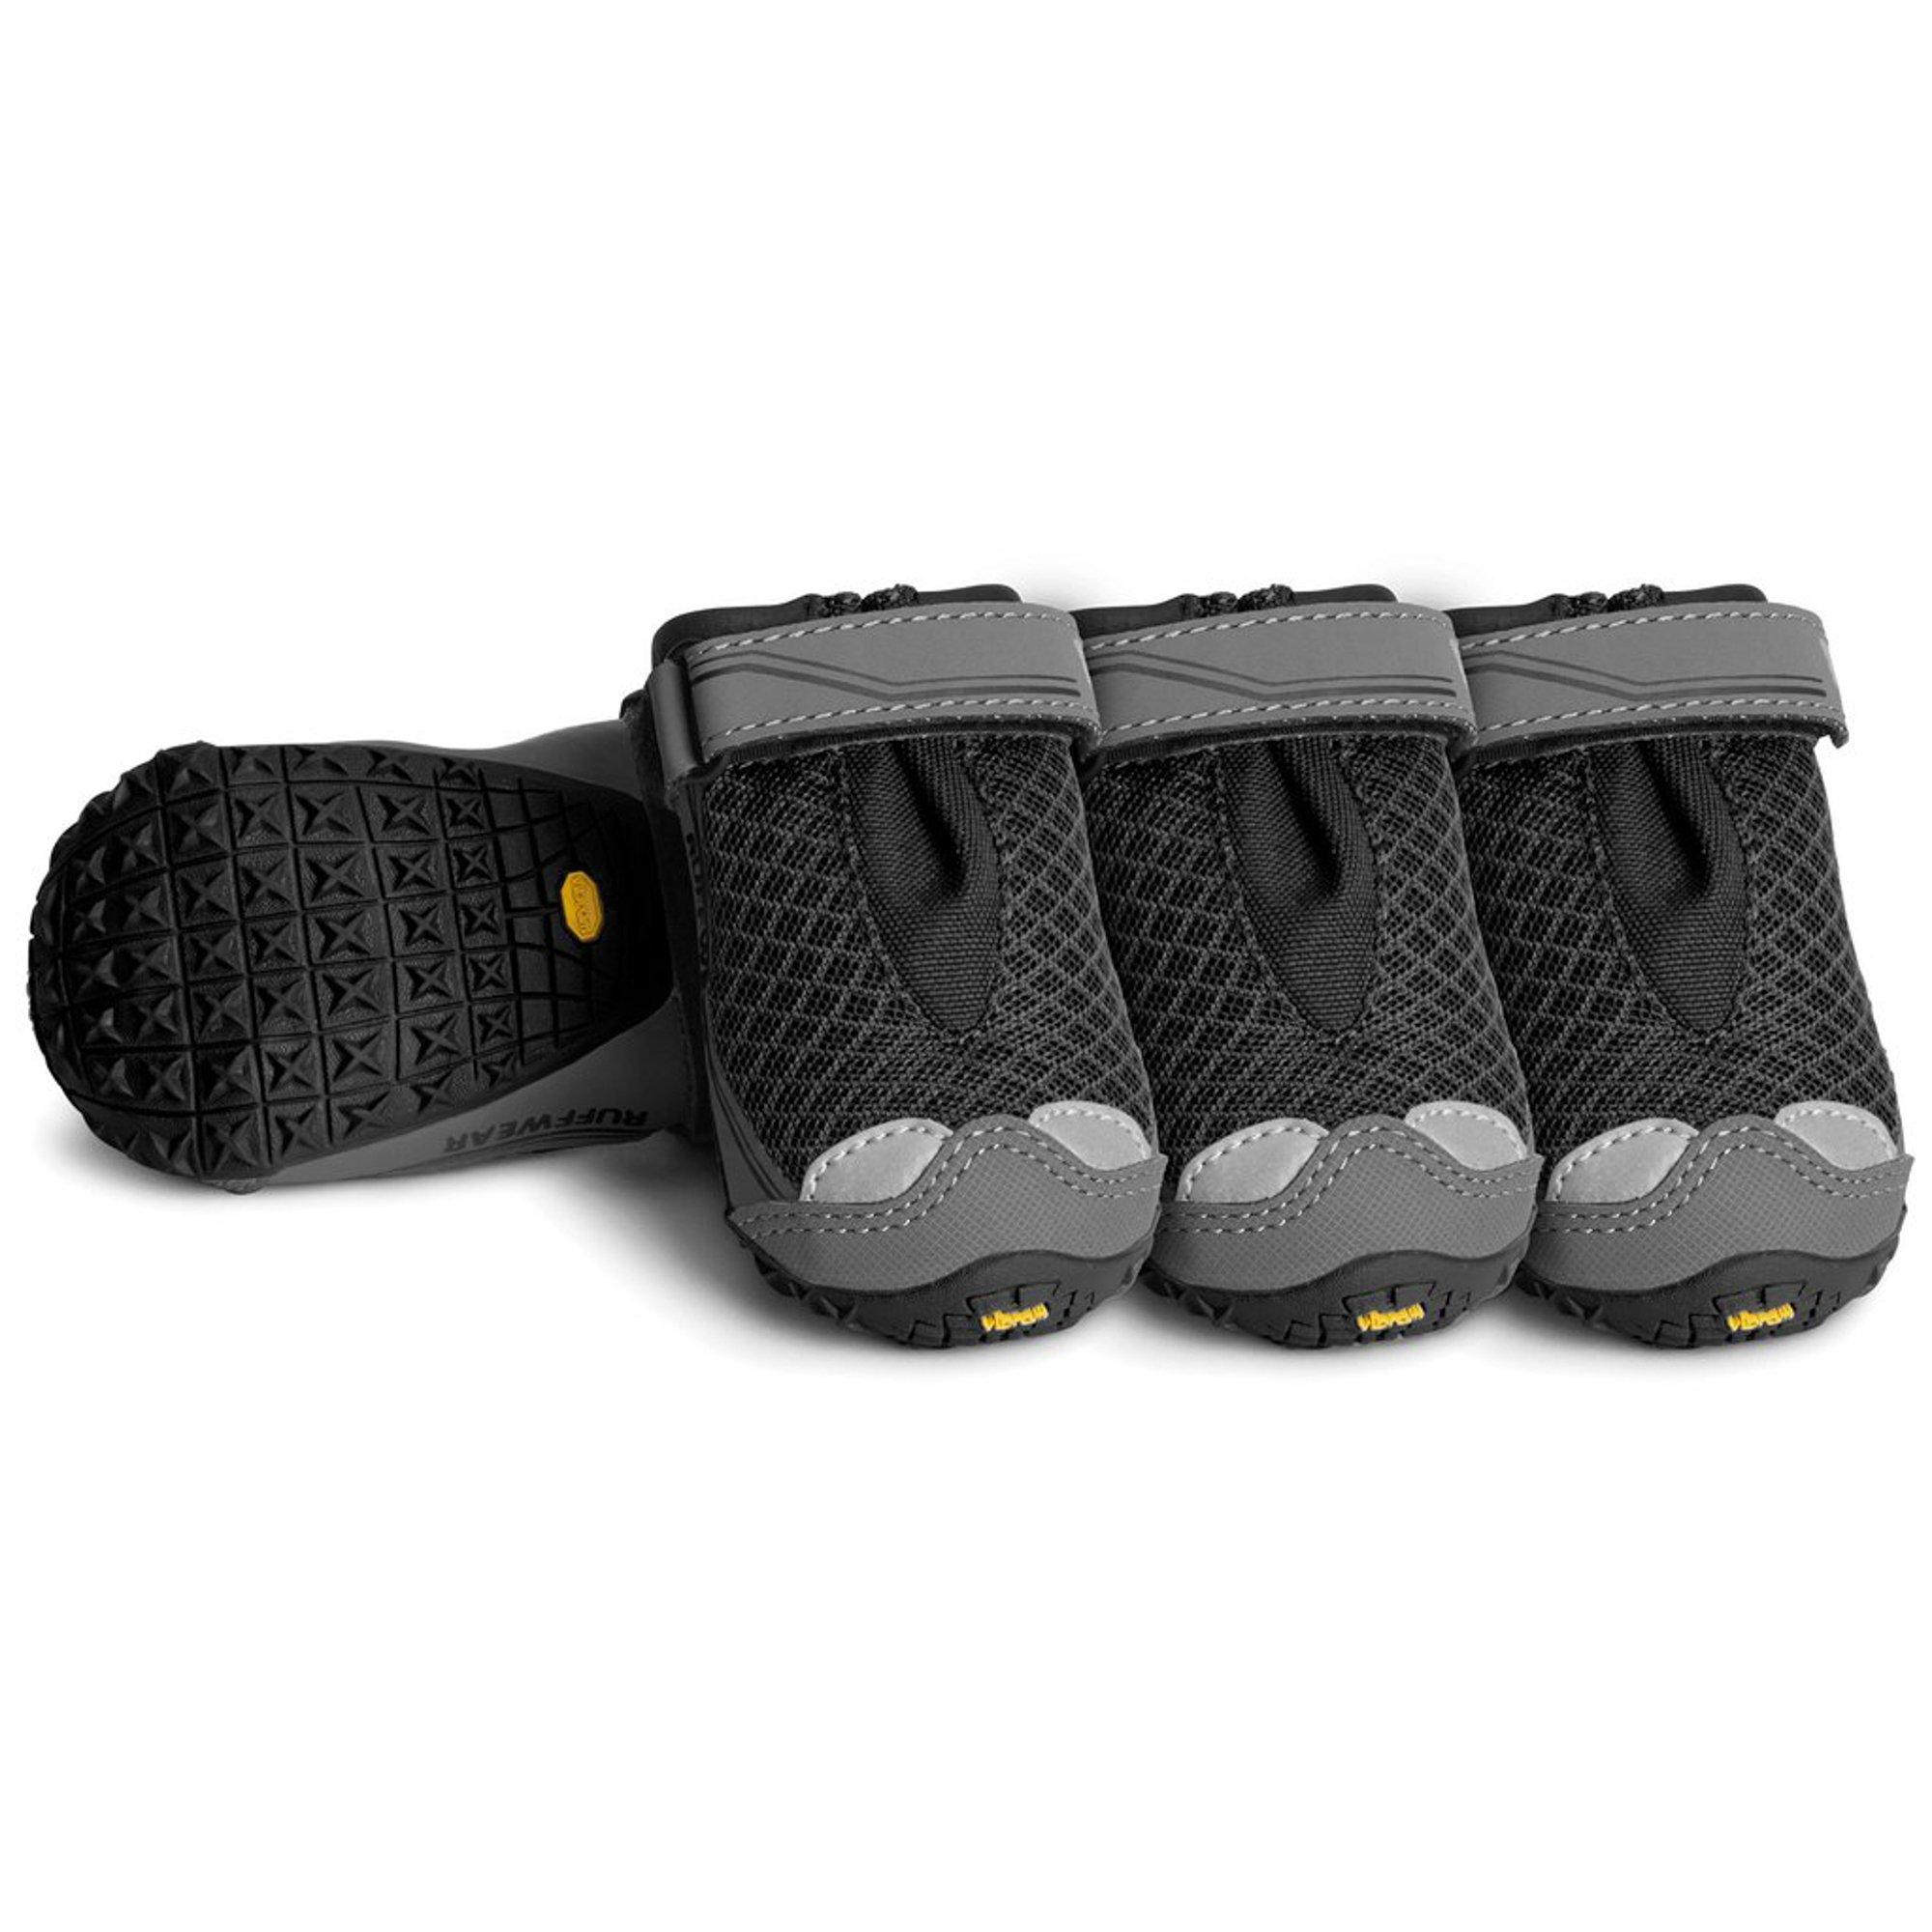 RUFFWEAR 15202-001300 - Grip Trex, All-Terrain Paw Wear for Dogs, Obsidian Black, 3.0 in (Set of 4)